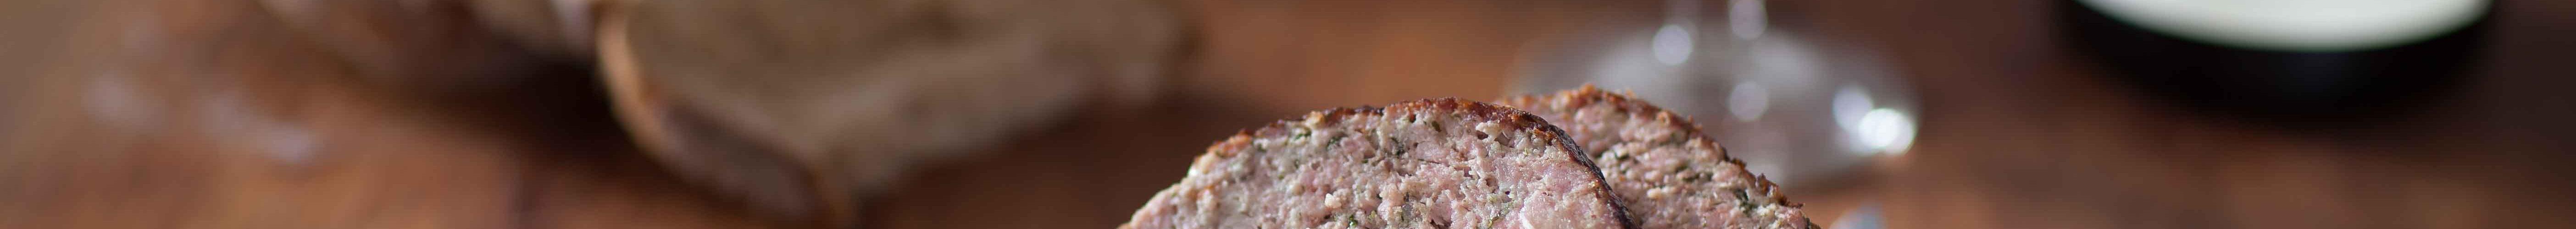 Pain de viande et Domaine Gallety 2015 ©panierdesaison-11